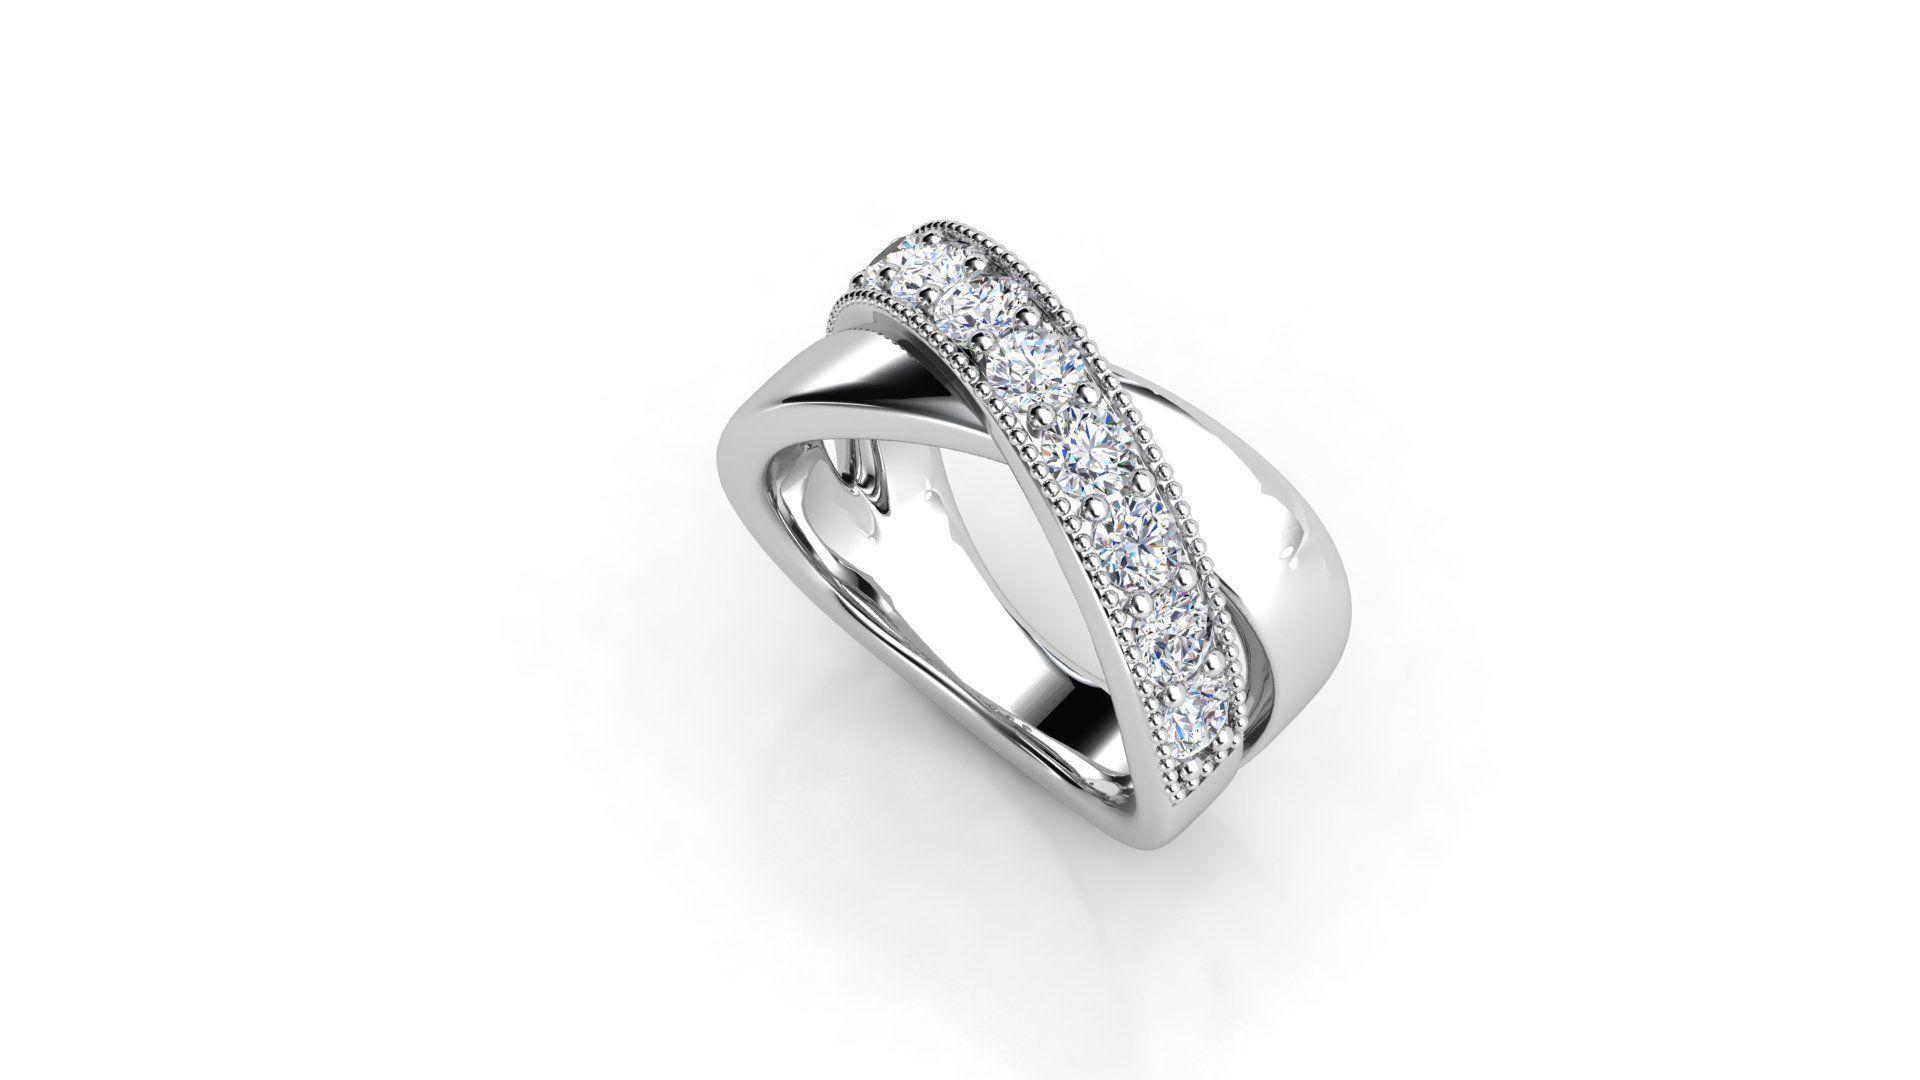 טבעת-יהלומים-של-קווים-משולבים